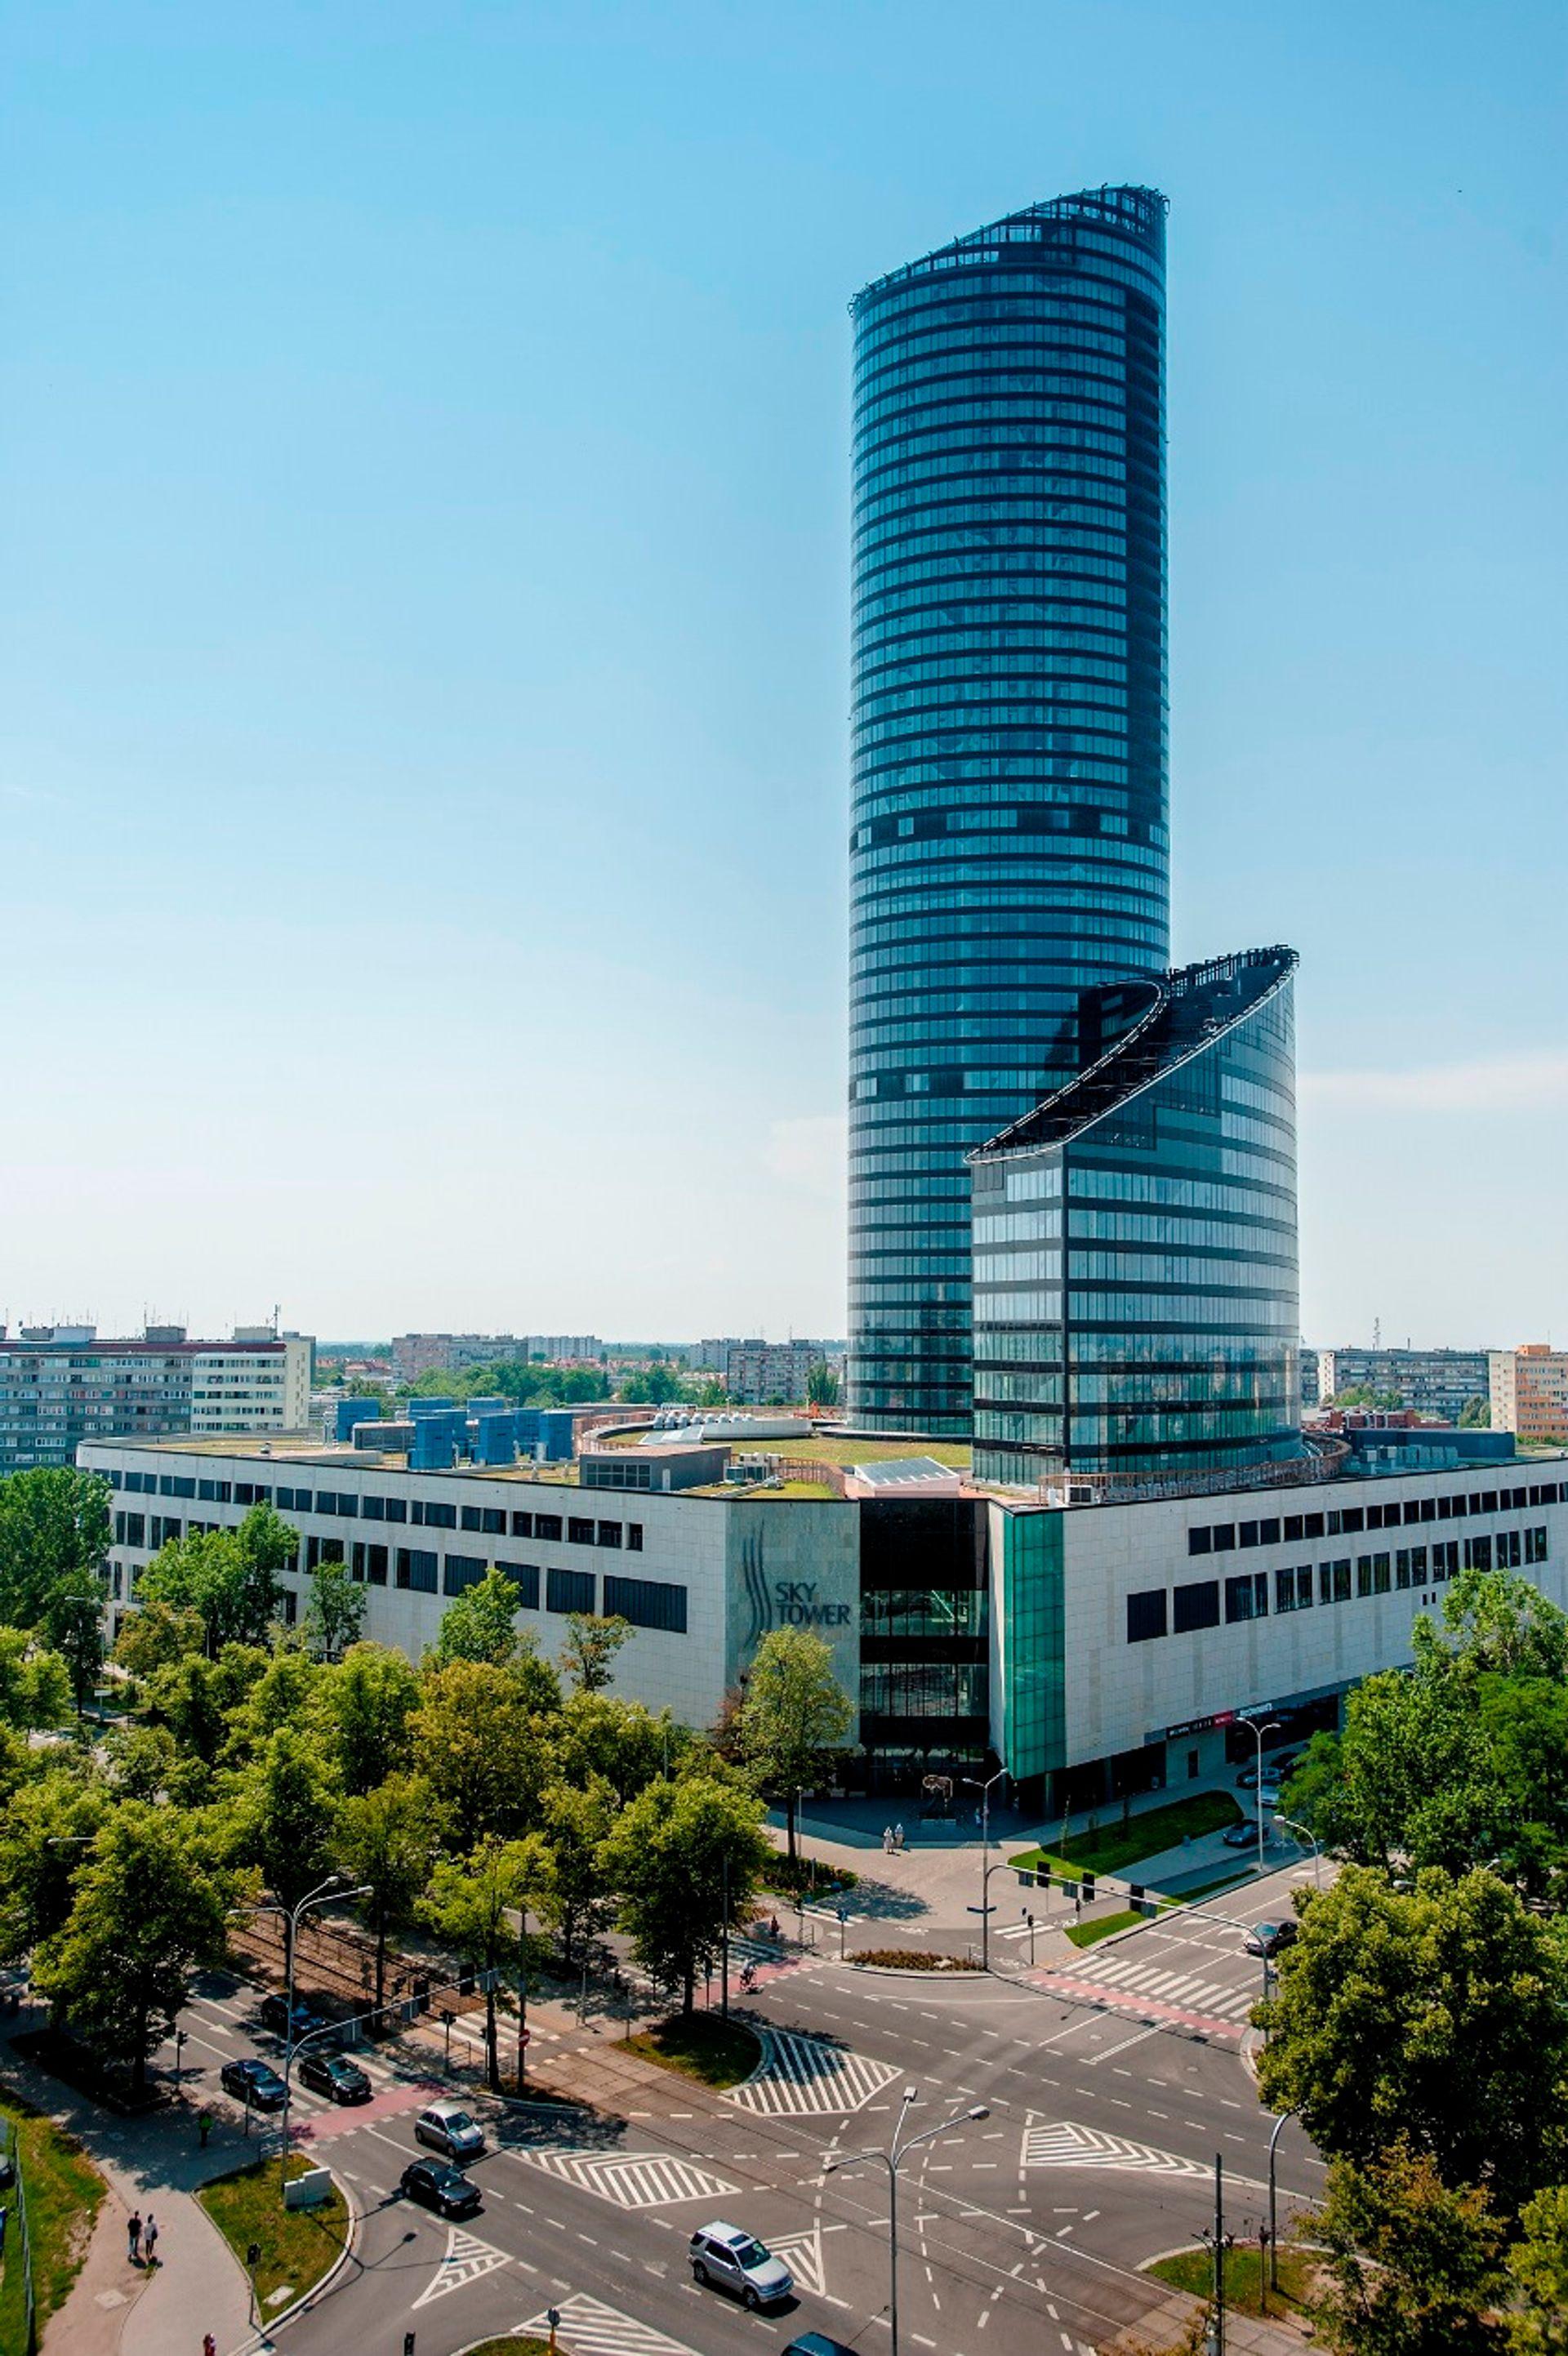 [Wrocław] Synexus i Prudential wynajmują powierzchnię w Sky Tower i Beta Centre we Wrocławiu